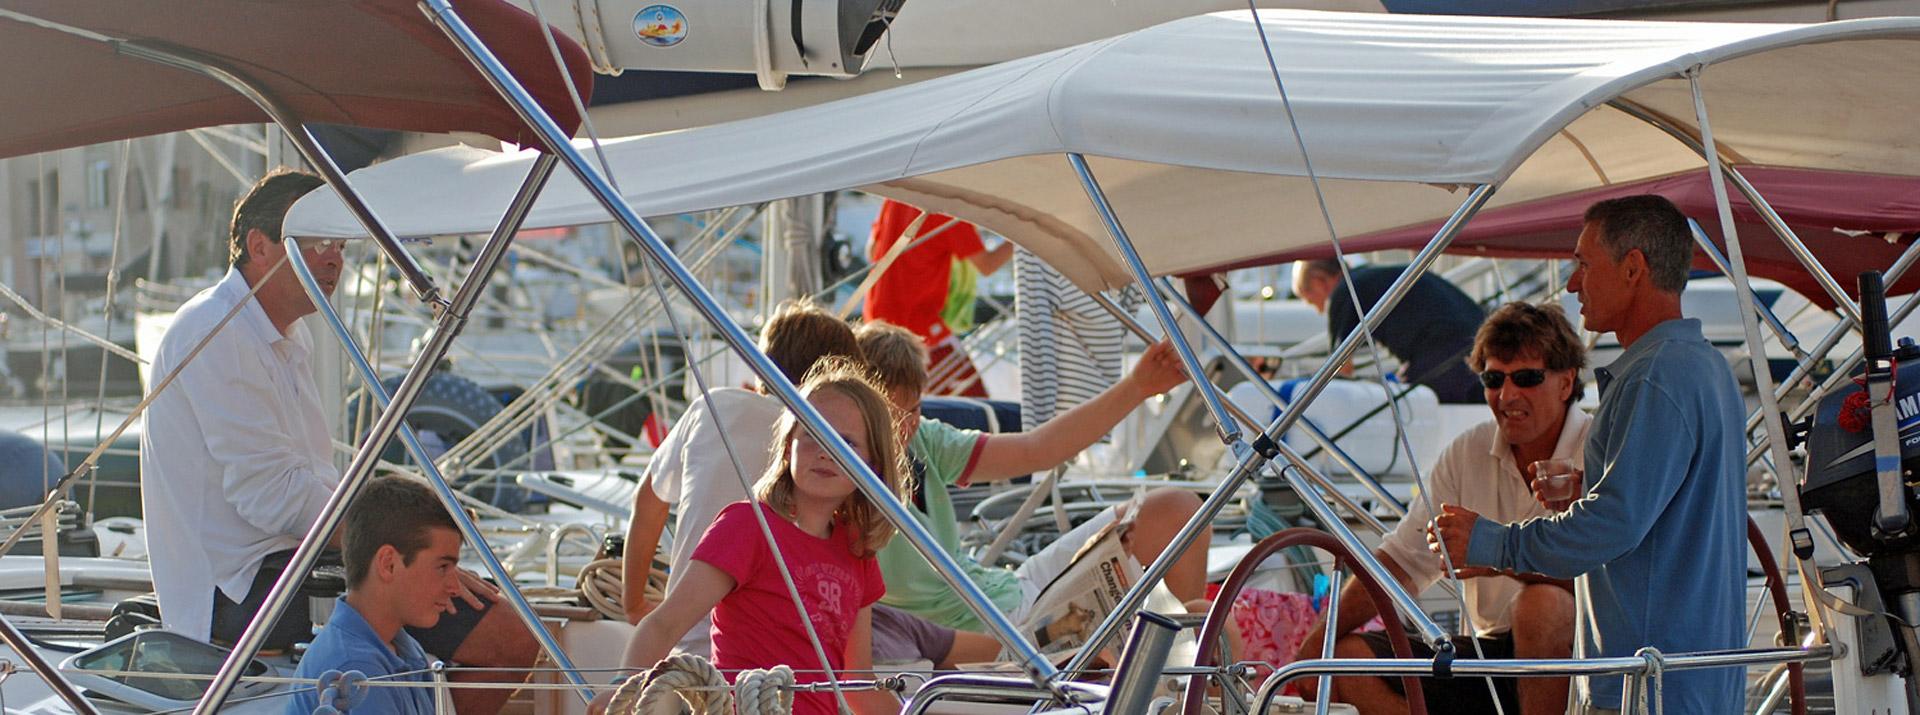 La sécurité à bord d'un voilier Sud Yachting